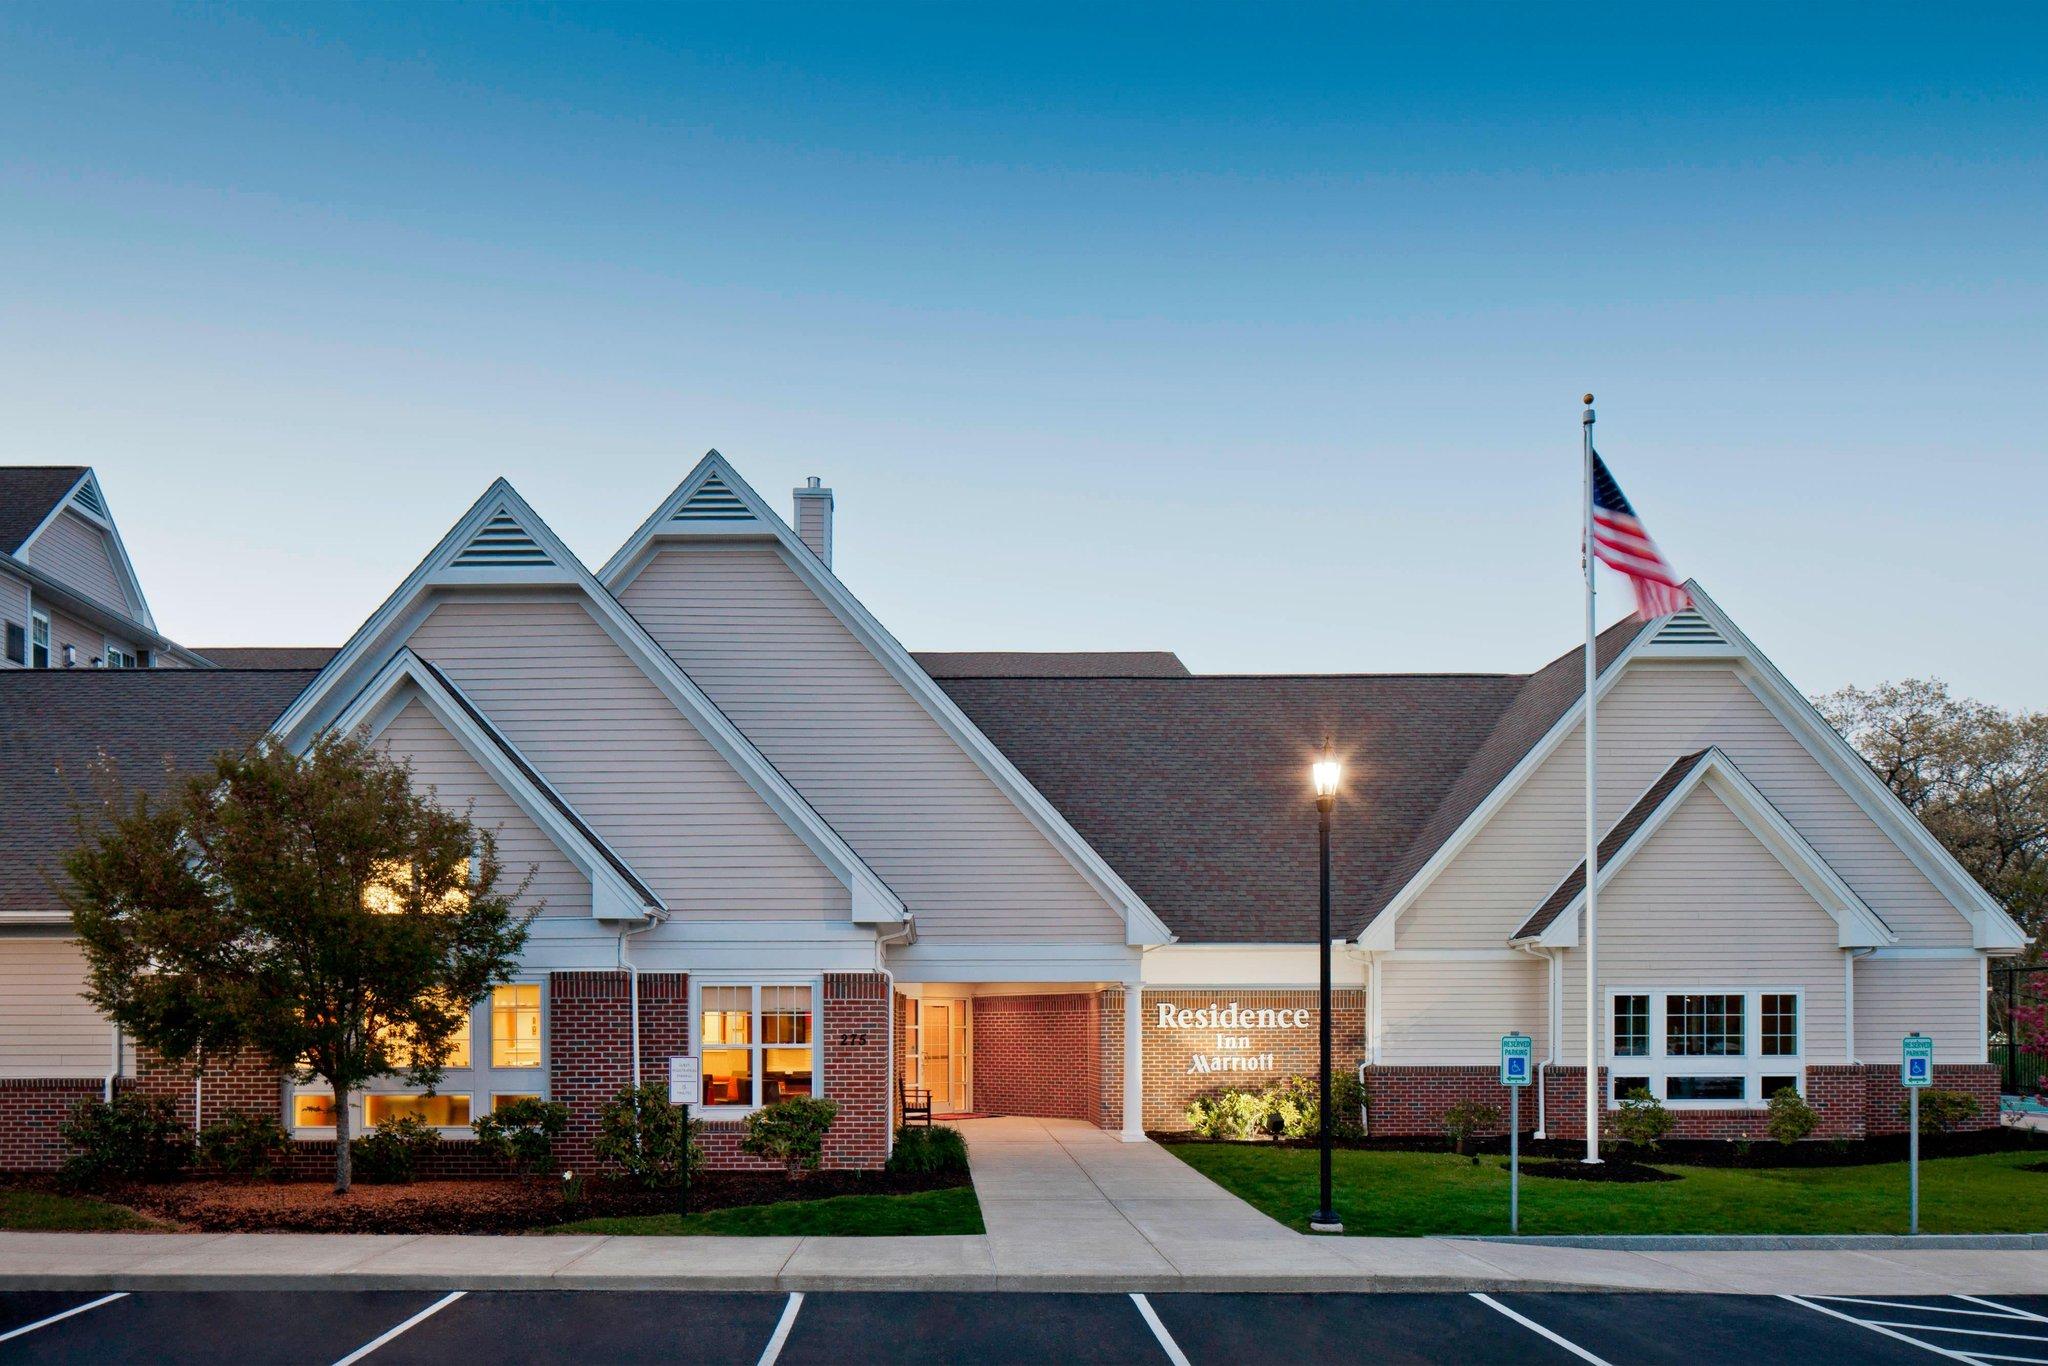 Residence Inn Boston Norwood